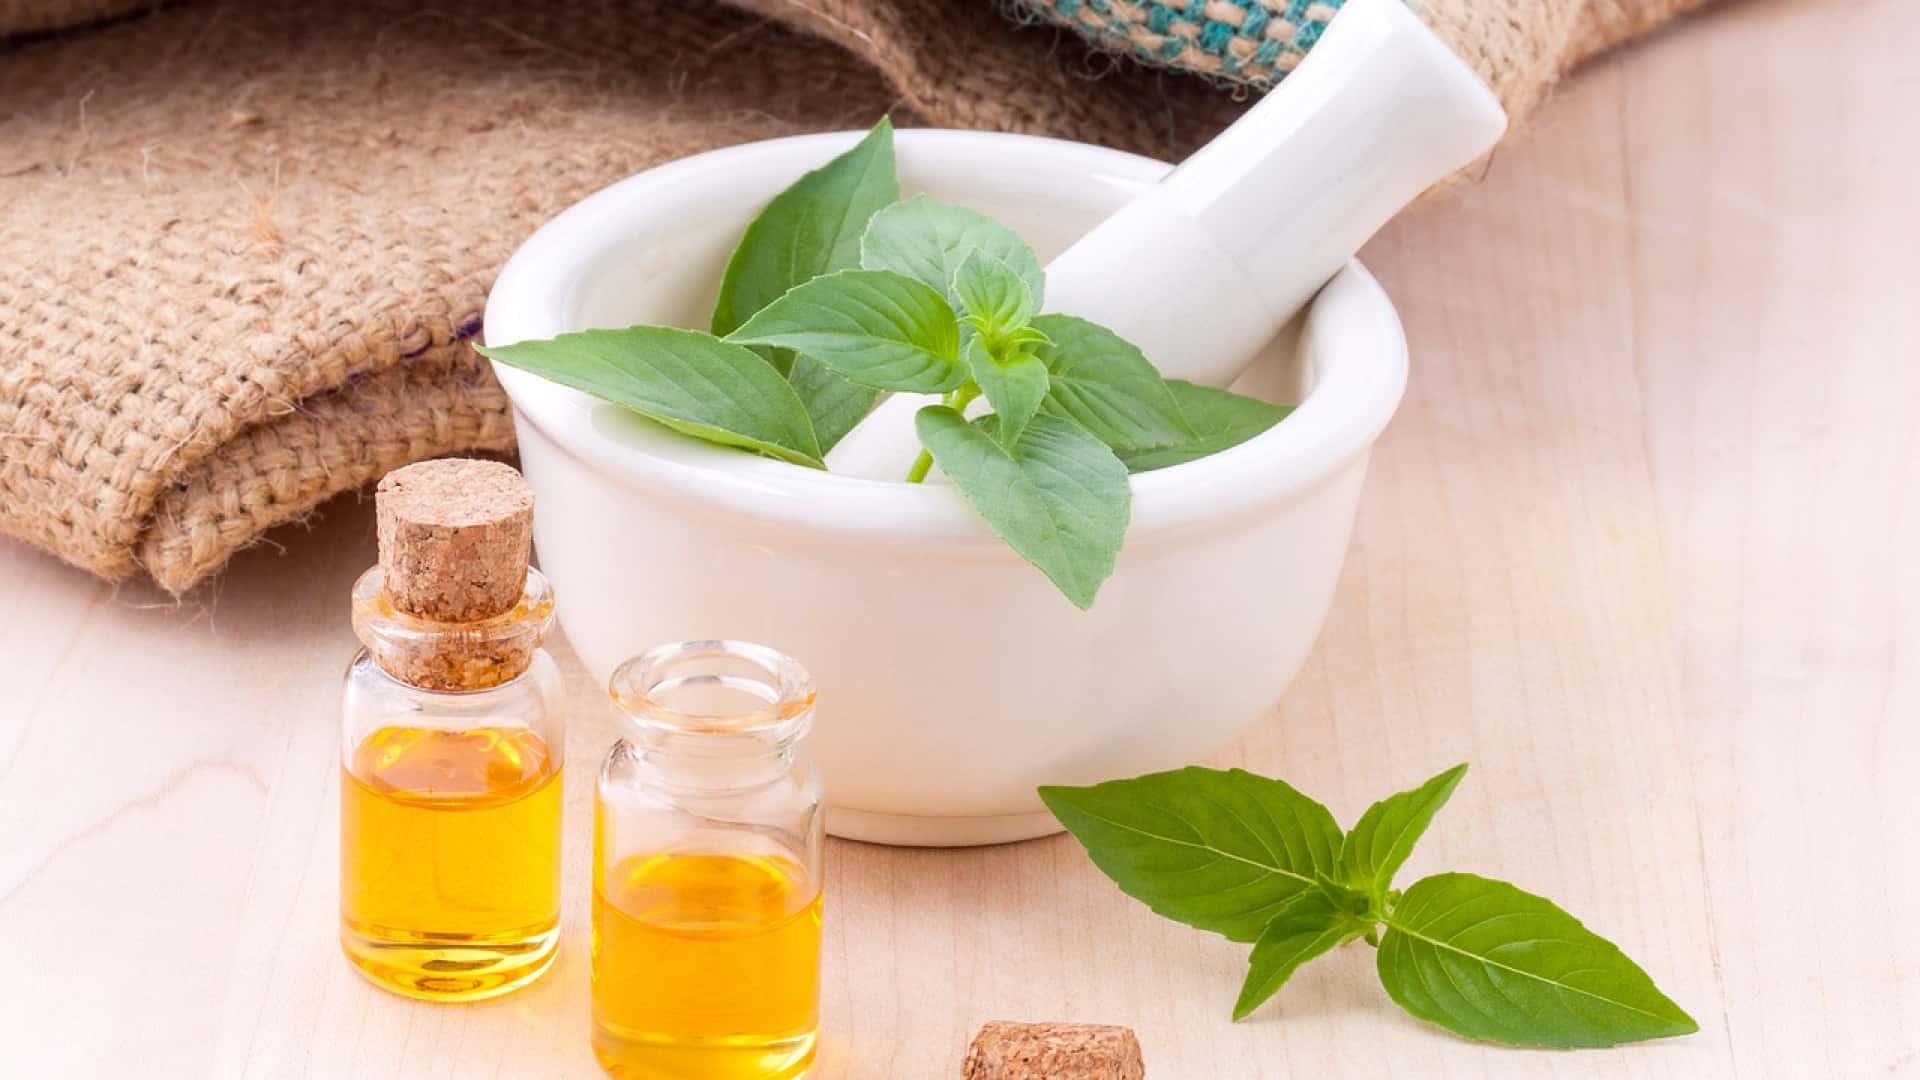 Les avantages du spa pour la santé que vous ne devez pas négliger